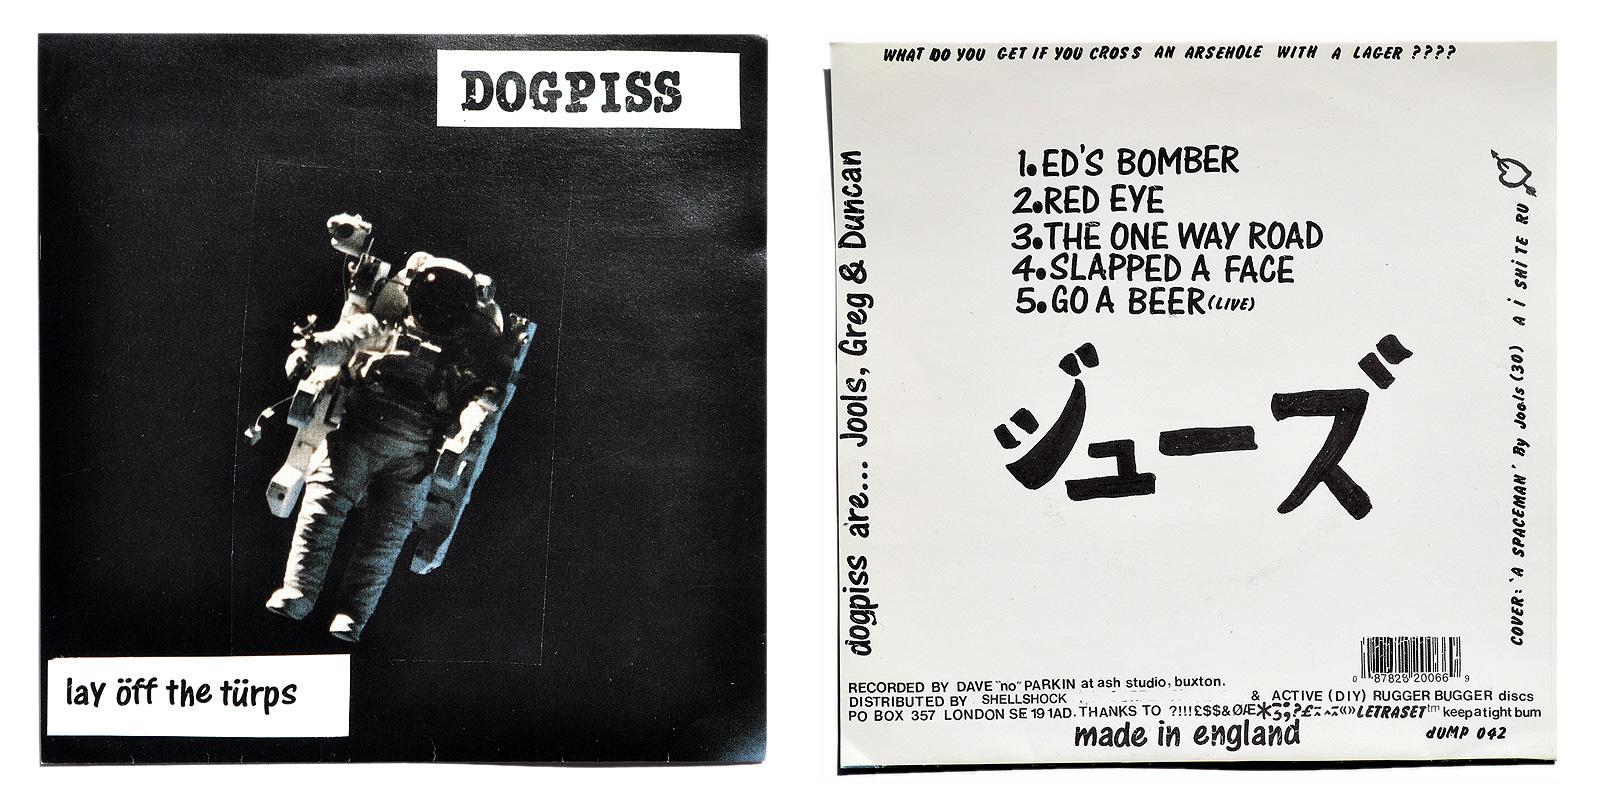 Dogpiss - Smells Like... Canine Urine